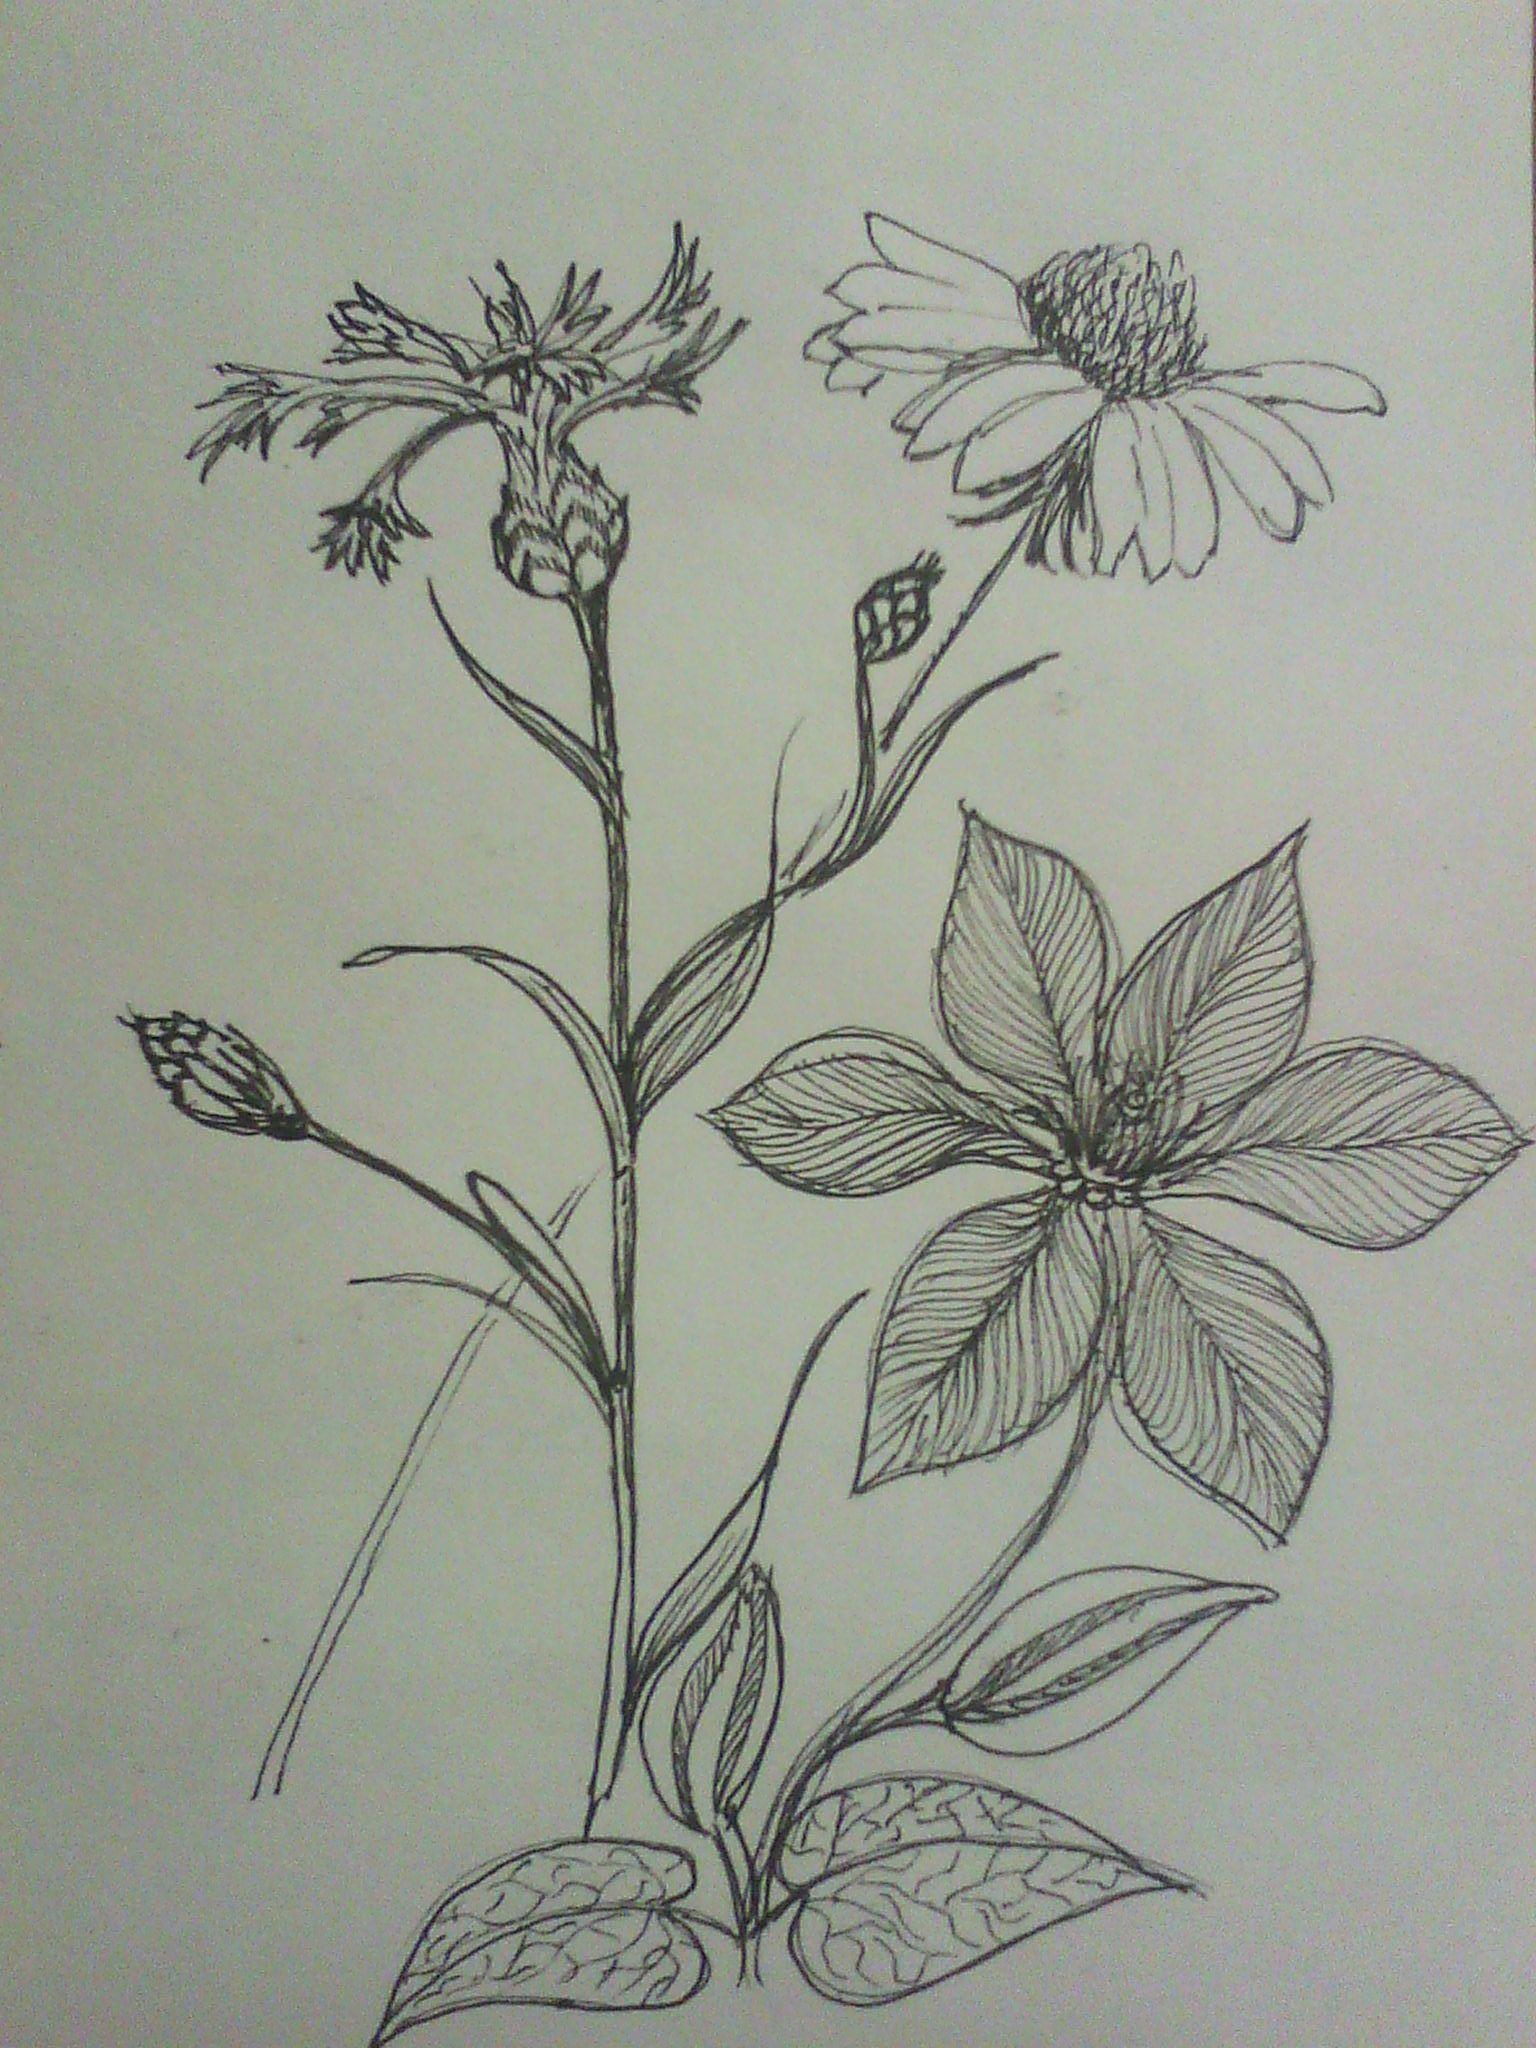 набросок цветы, линер | Цветы, Акварель